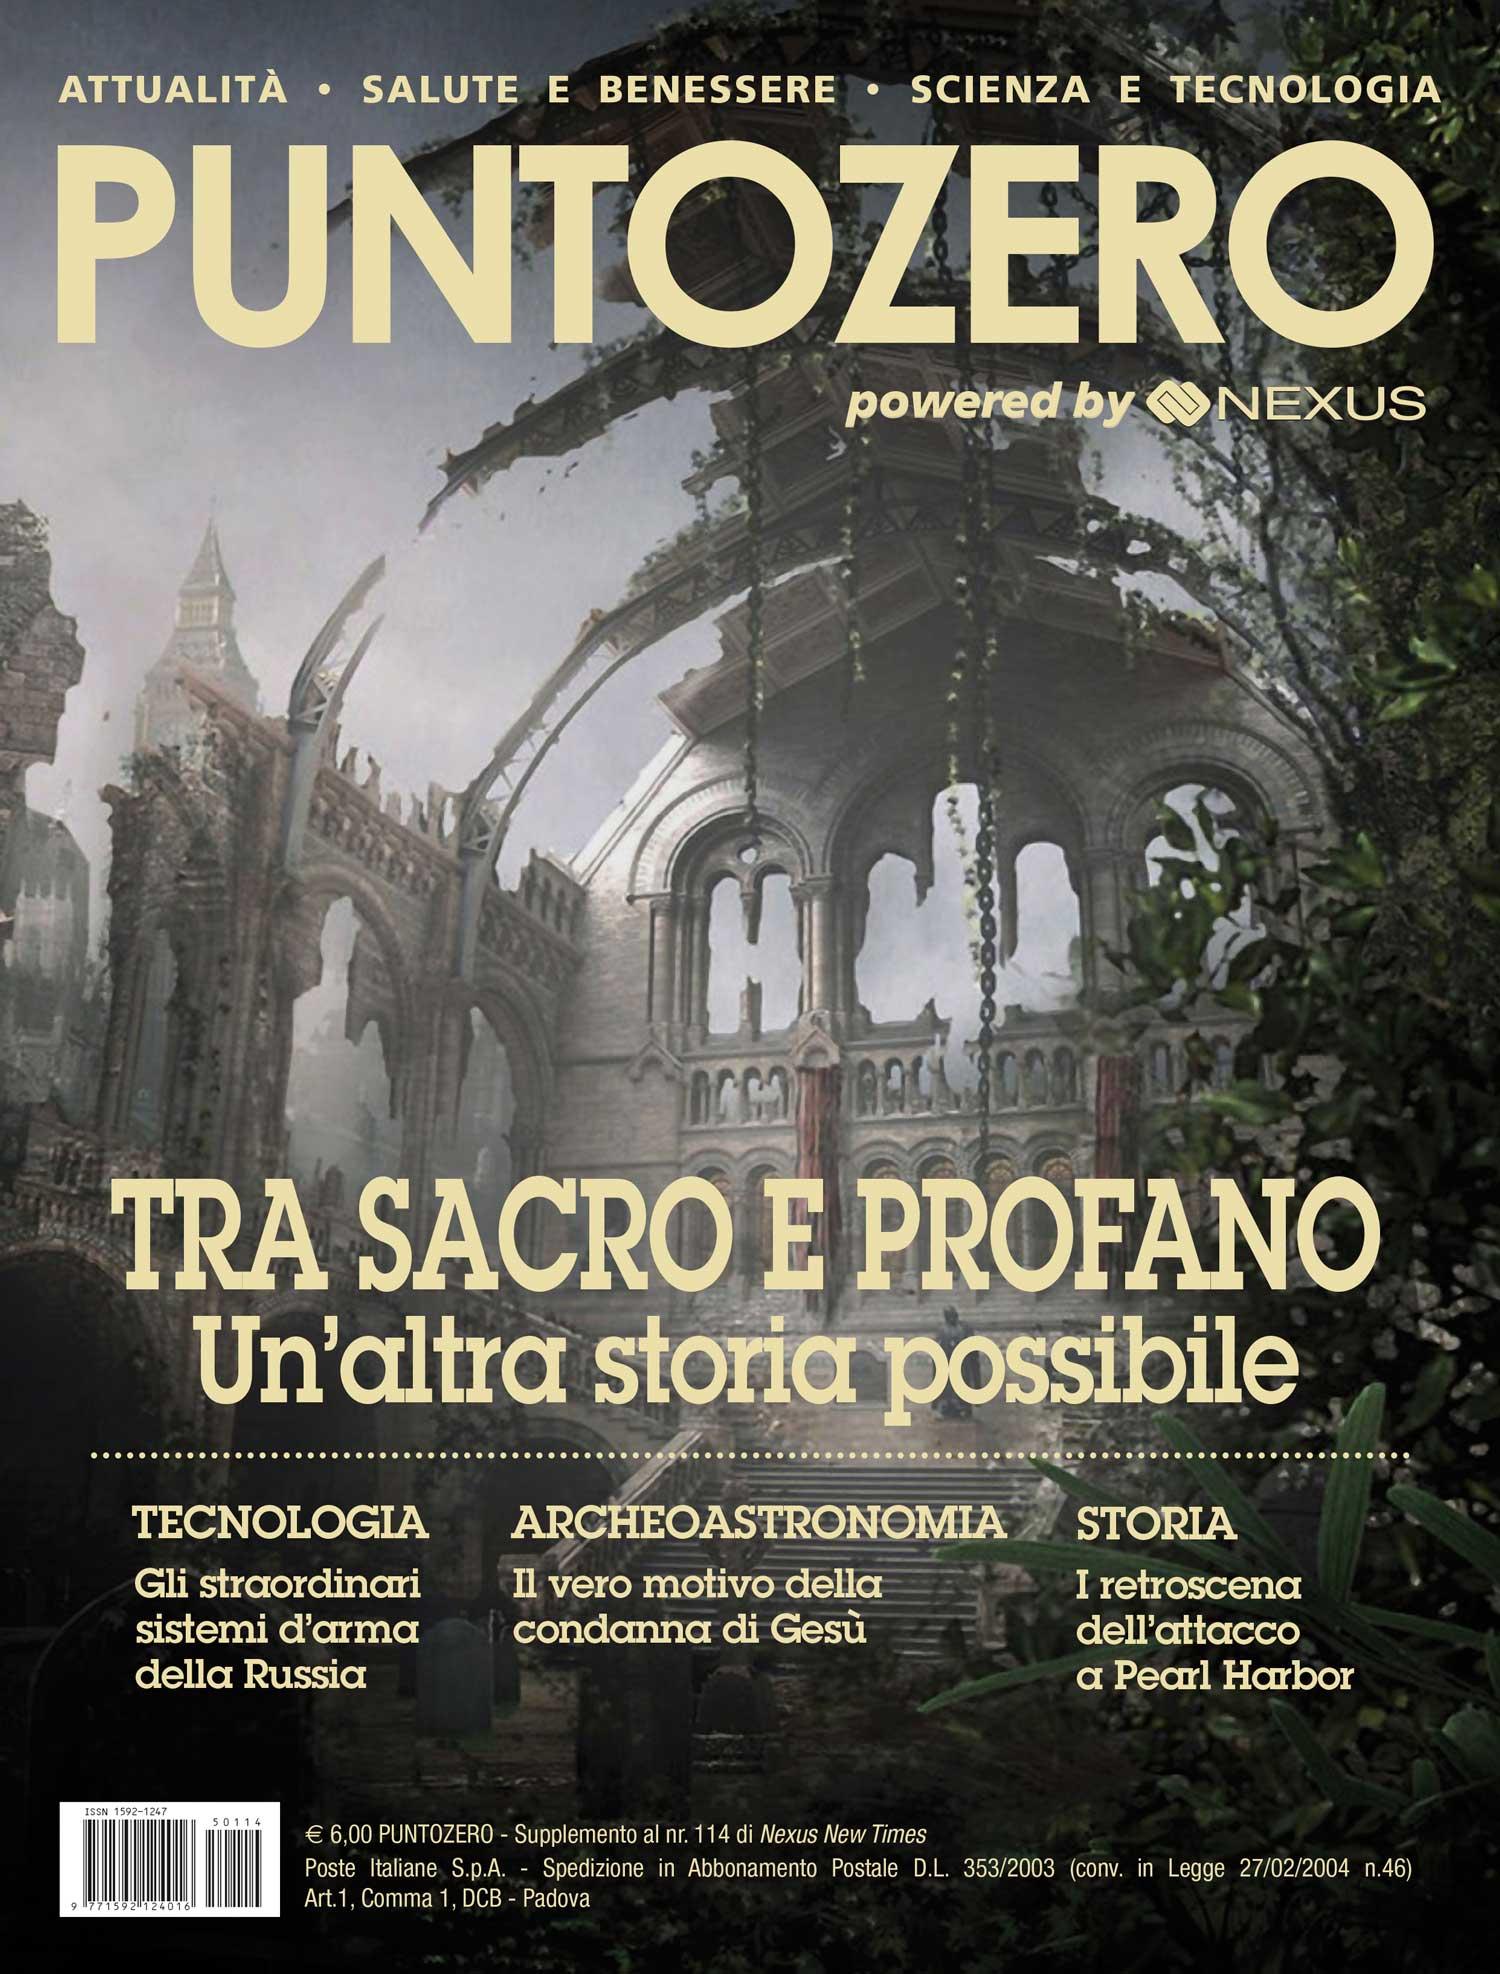 PuntoZero nr. 10-0